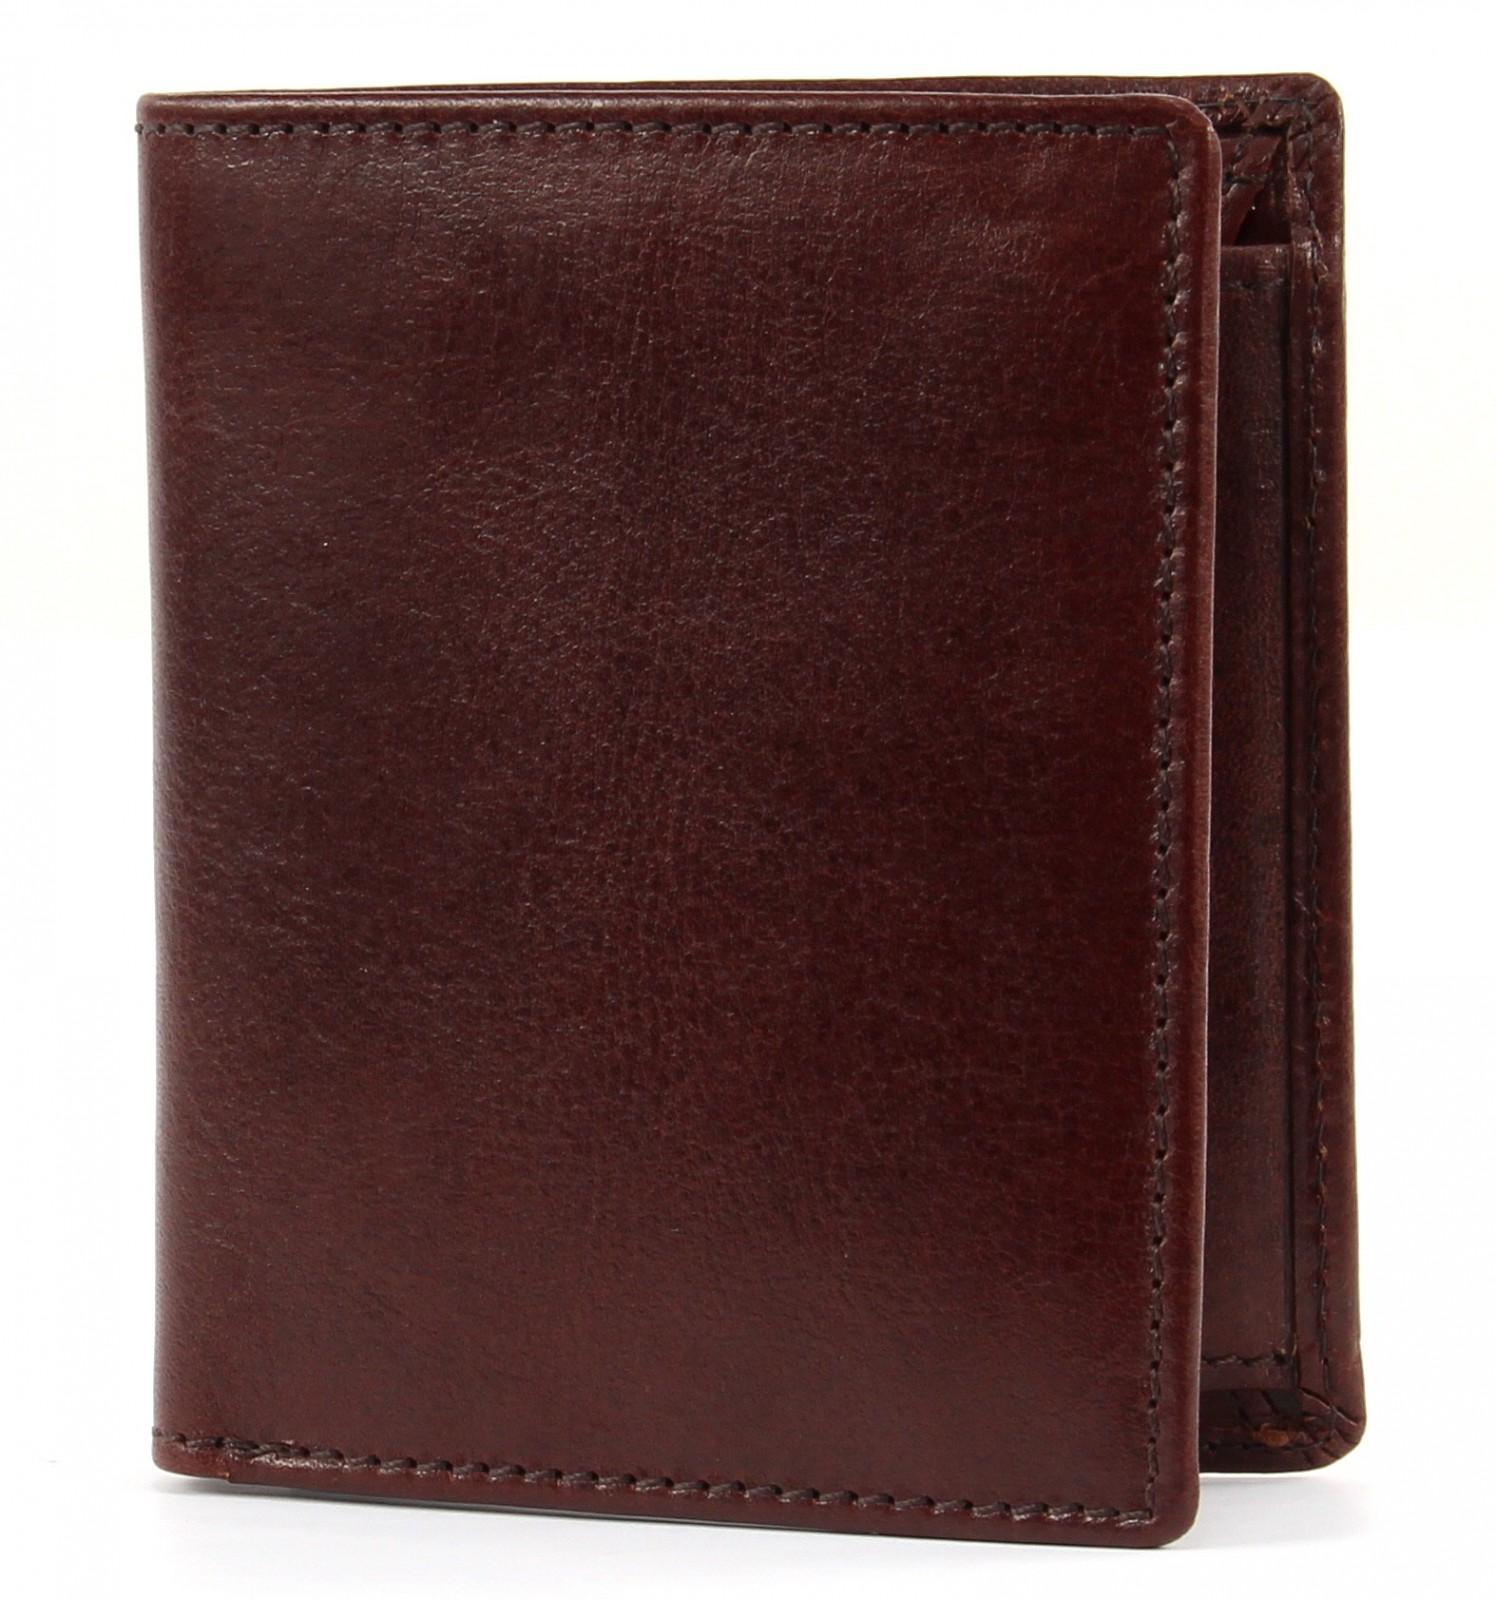 LEONHARD HEYDEN Cambridge Combi Wallet S Redbrown